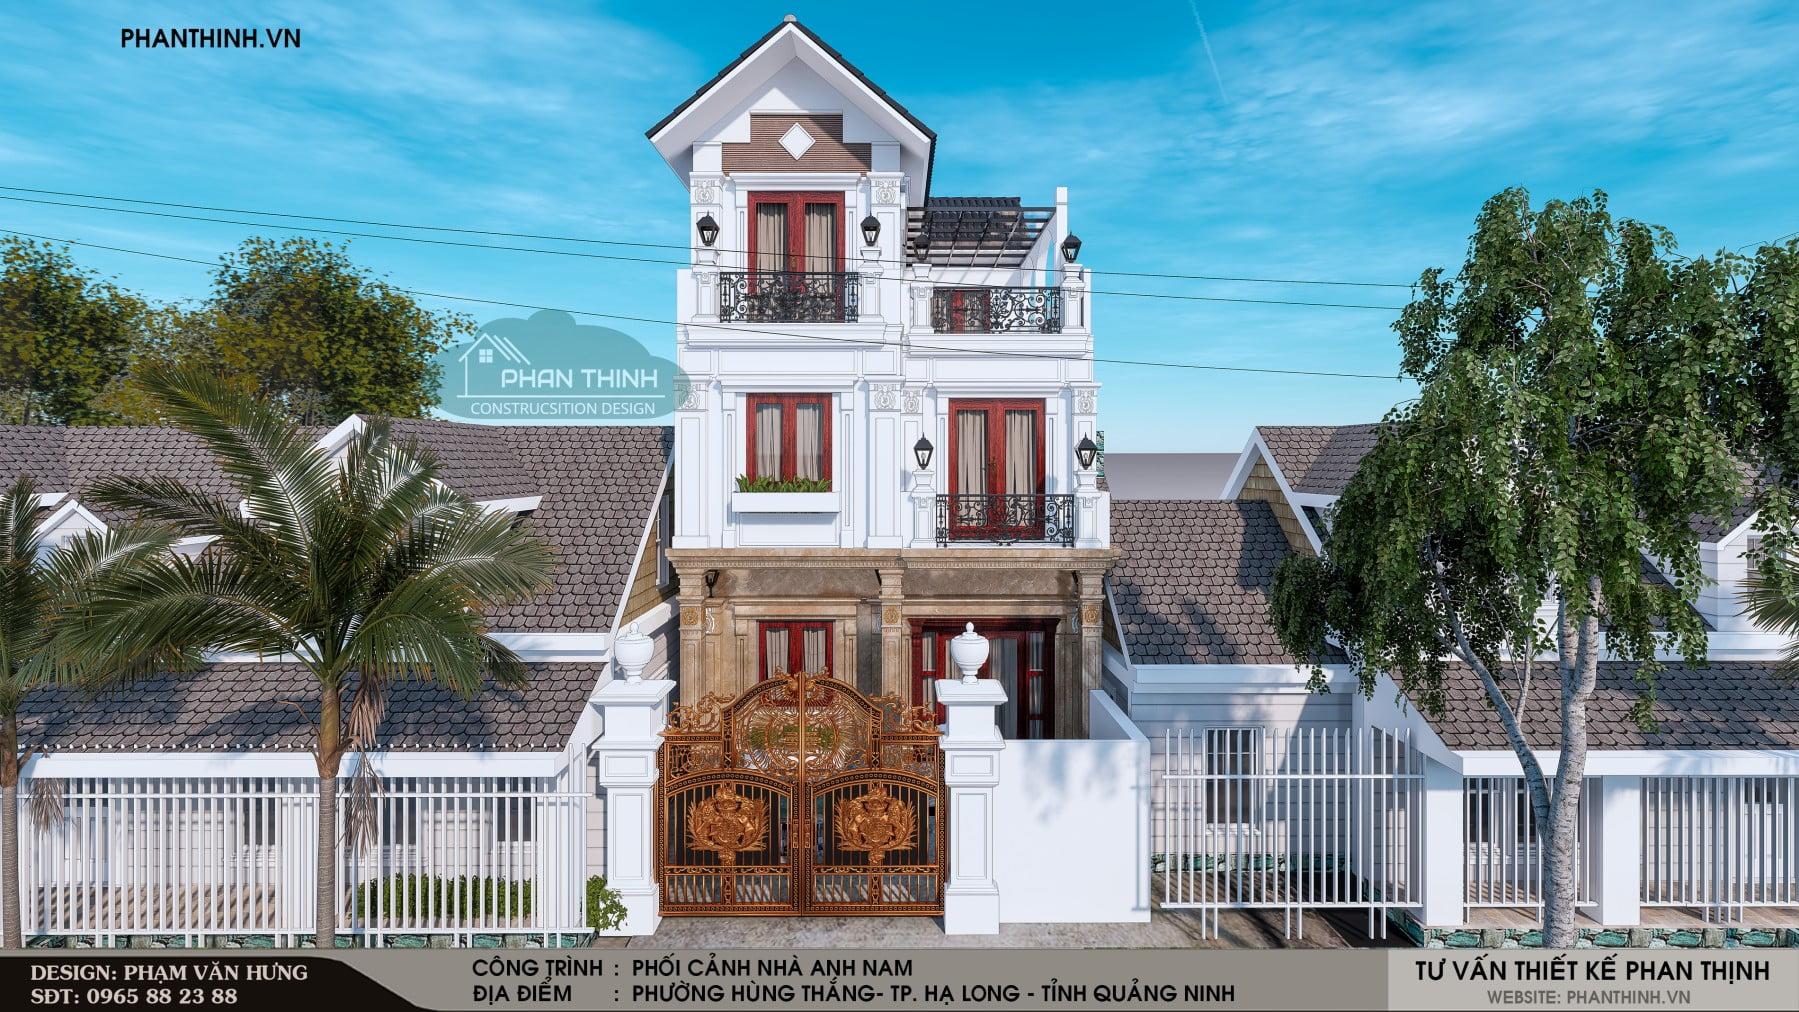 Thiết kế biệt thự cổ điển tại Quảng Ninh